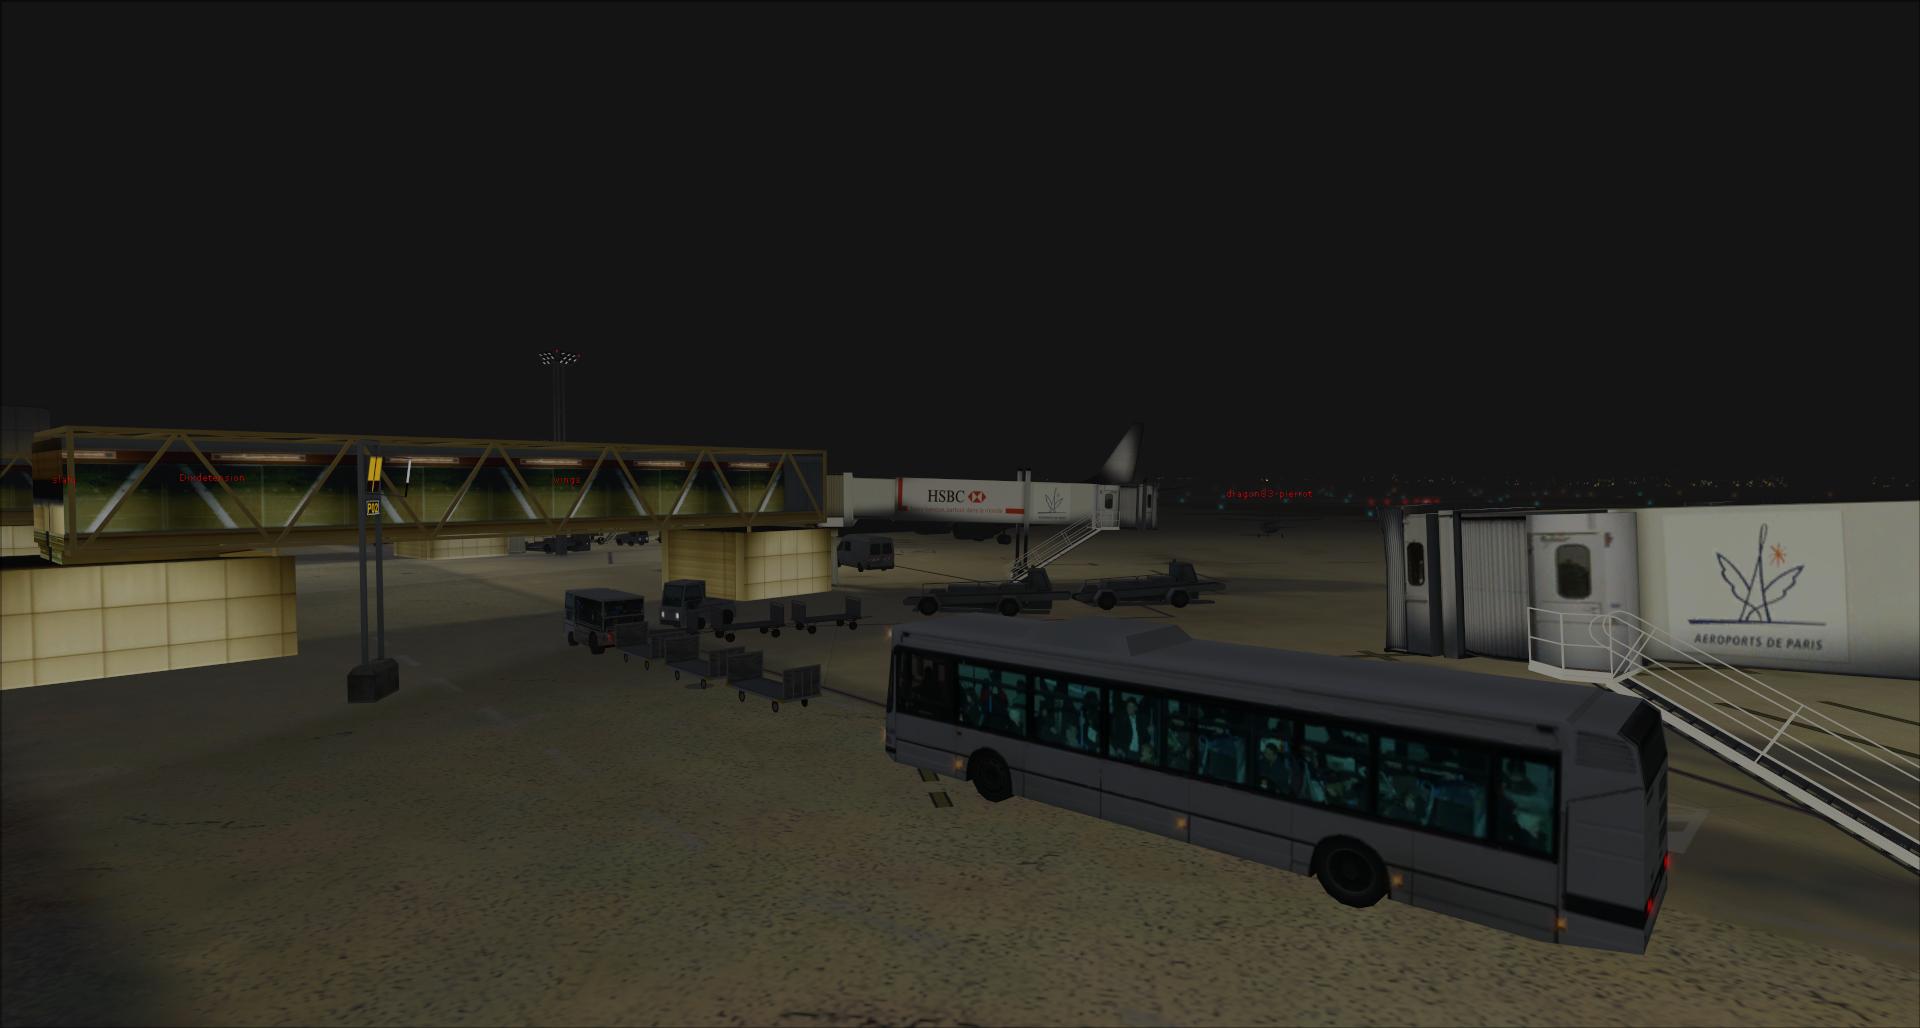 Rapport de vol: Atterrissage aux instruments 3411112014103120154517